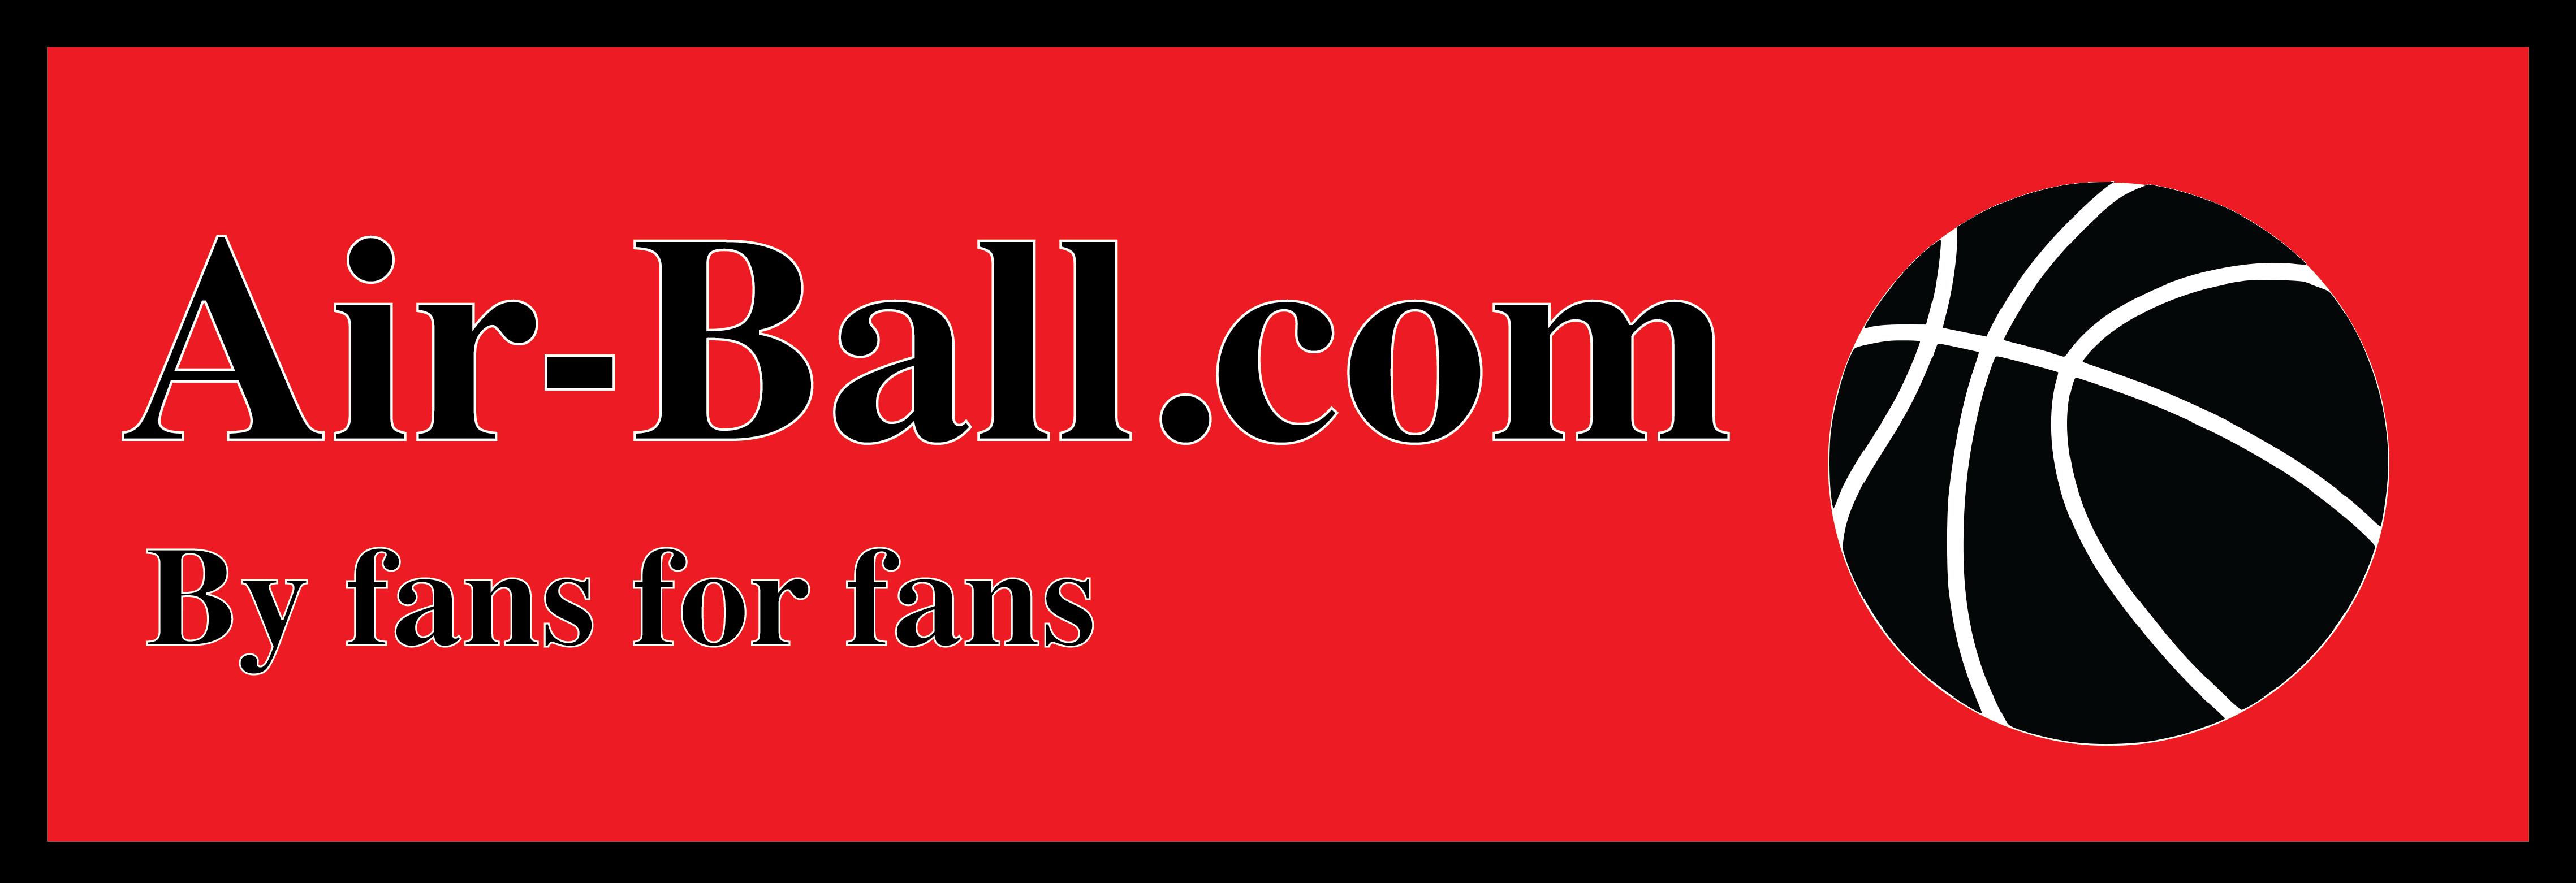 Air-Ball.com